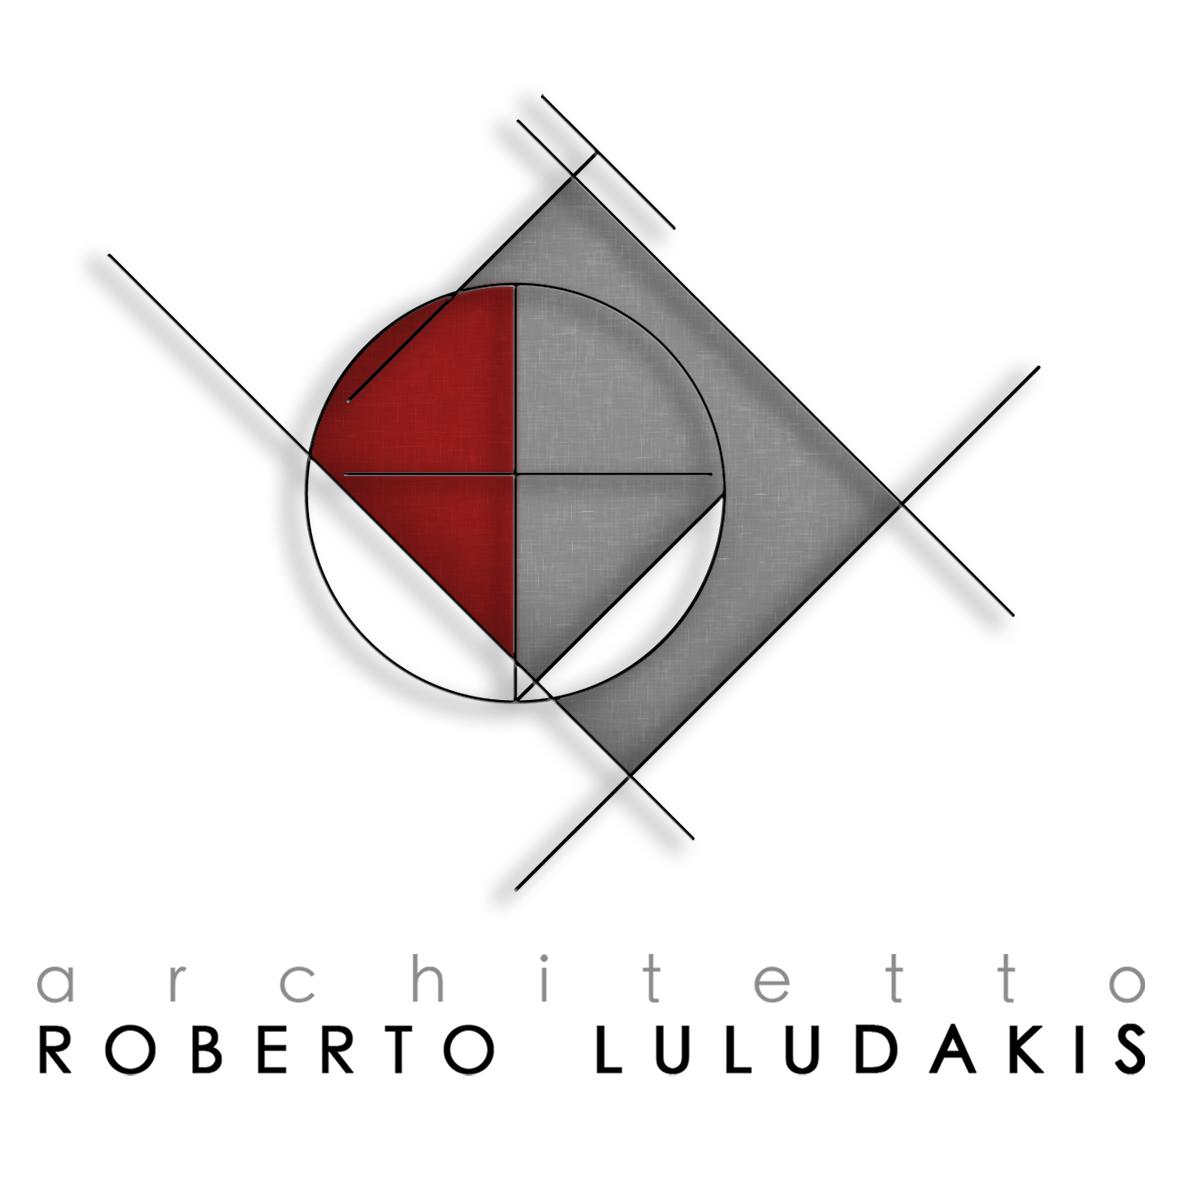 Architetto  Roberto Luludakis